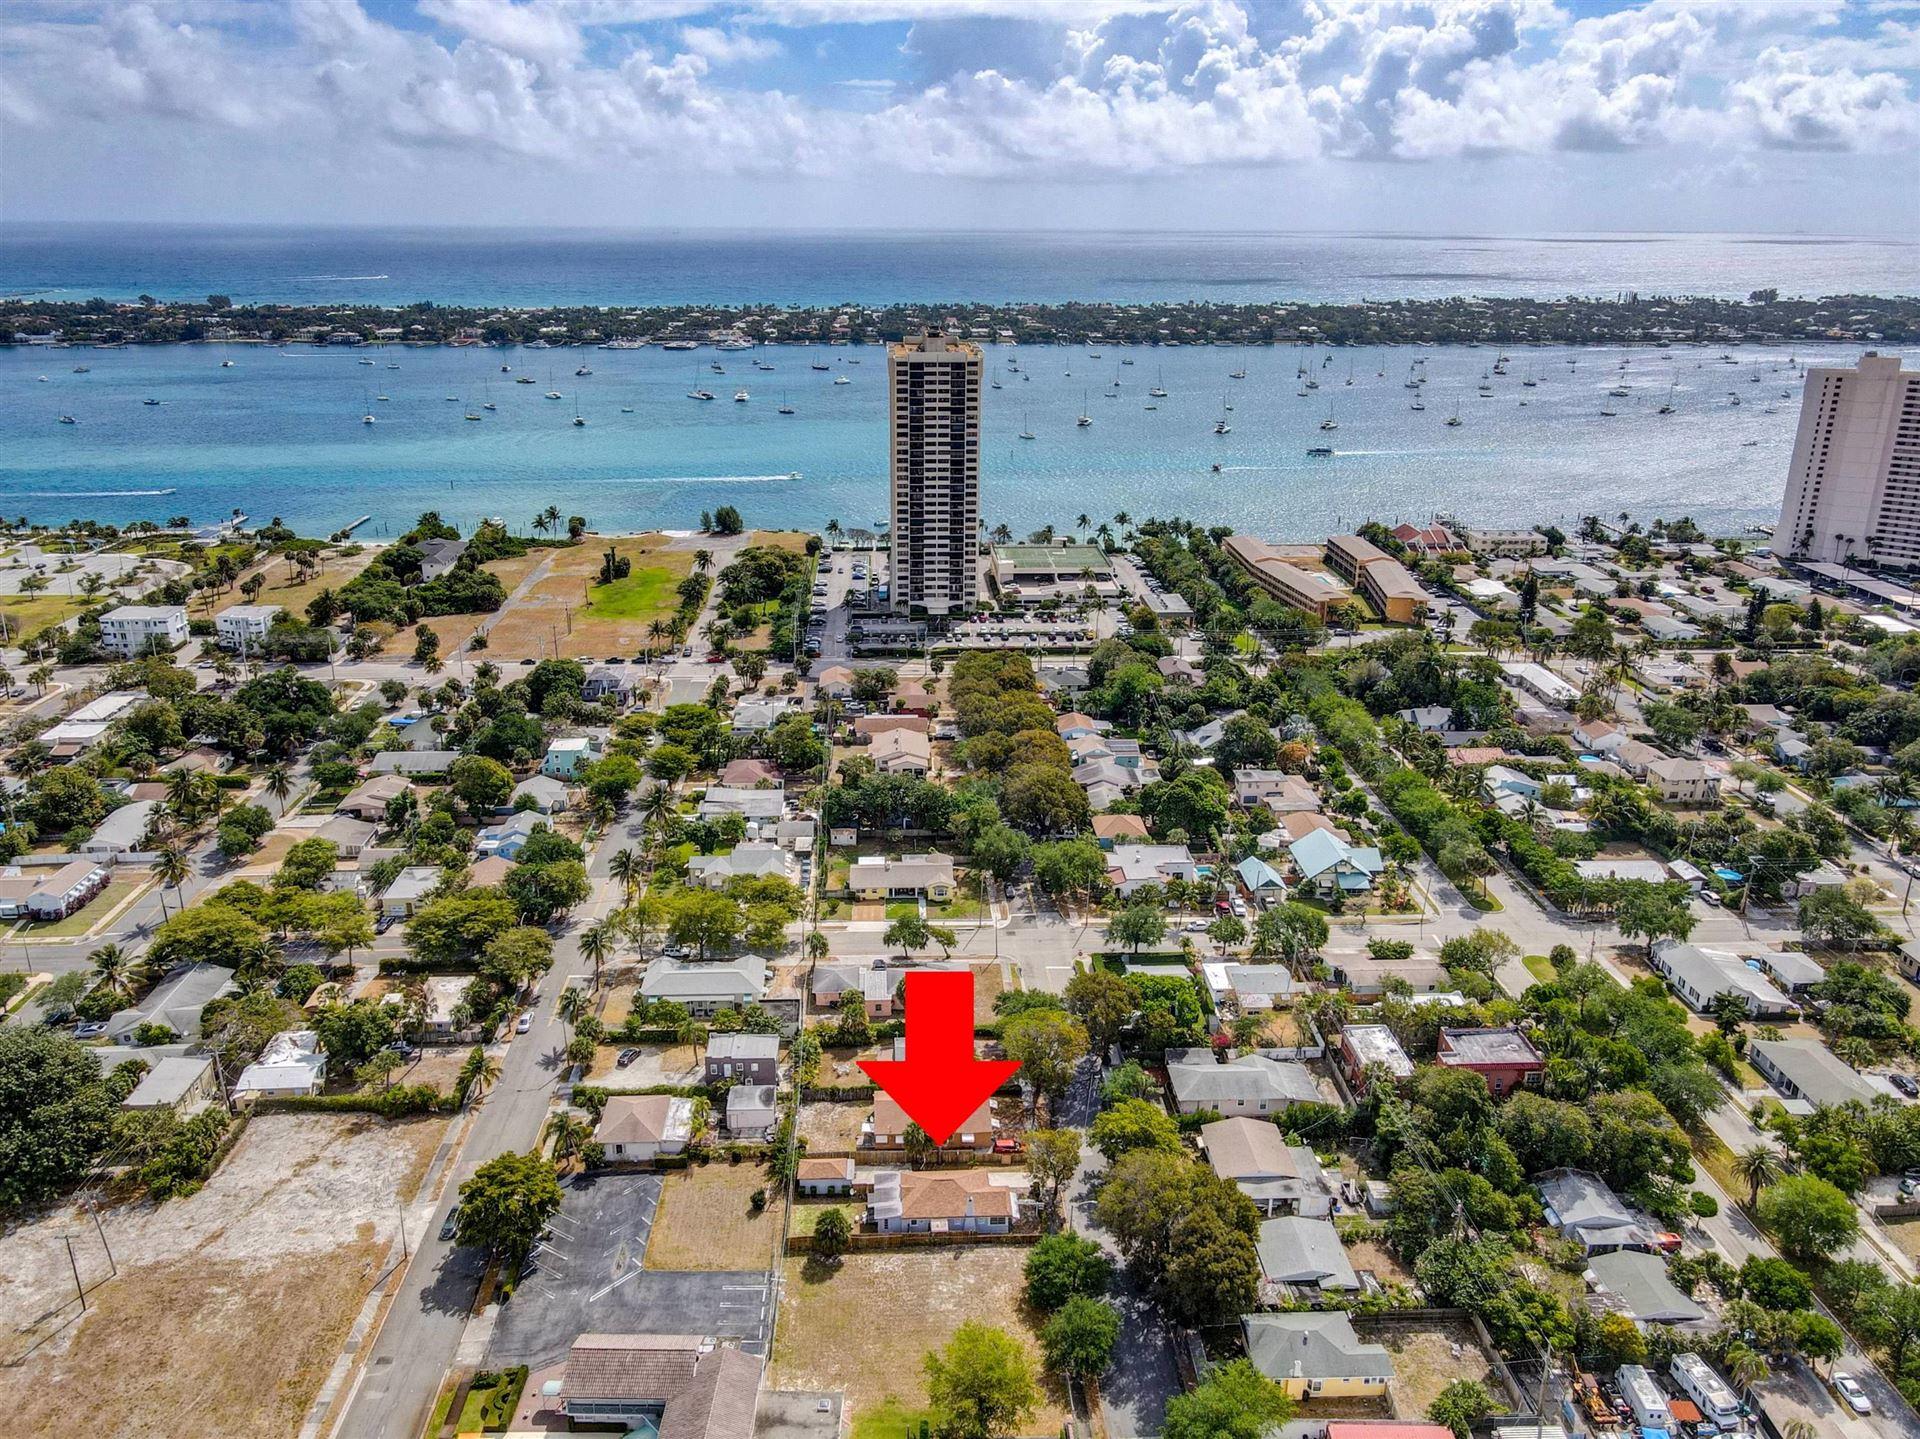 517 55 Street, West Palm Beach, FL 33407 - #: RX-10704475